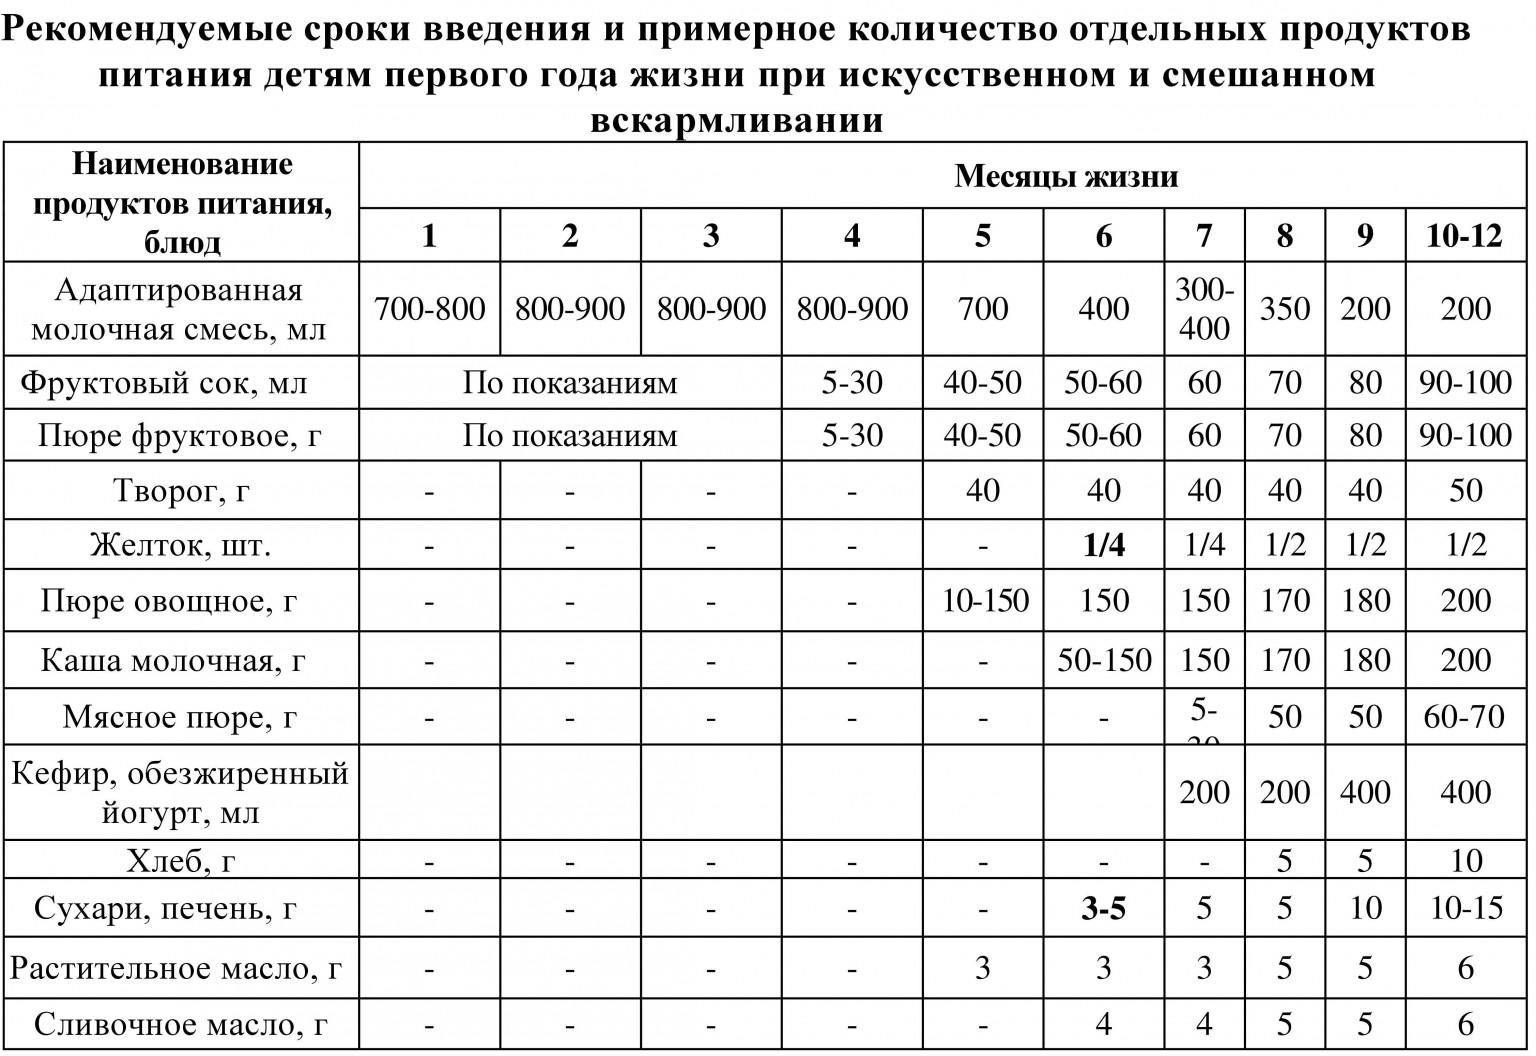 Схема первого прикорма по Комаровскому при грудном вскармливании: правила введения и подробные таблицы по месяцам